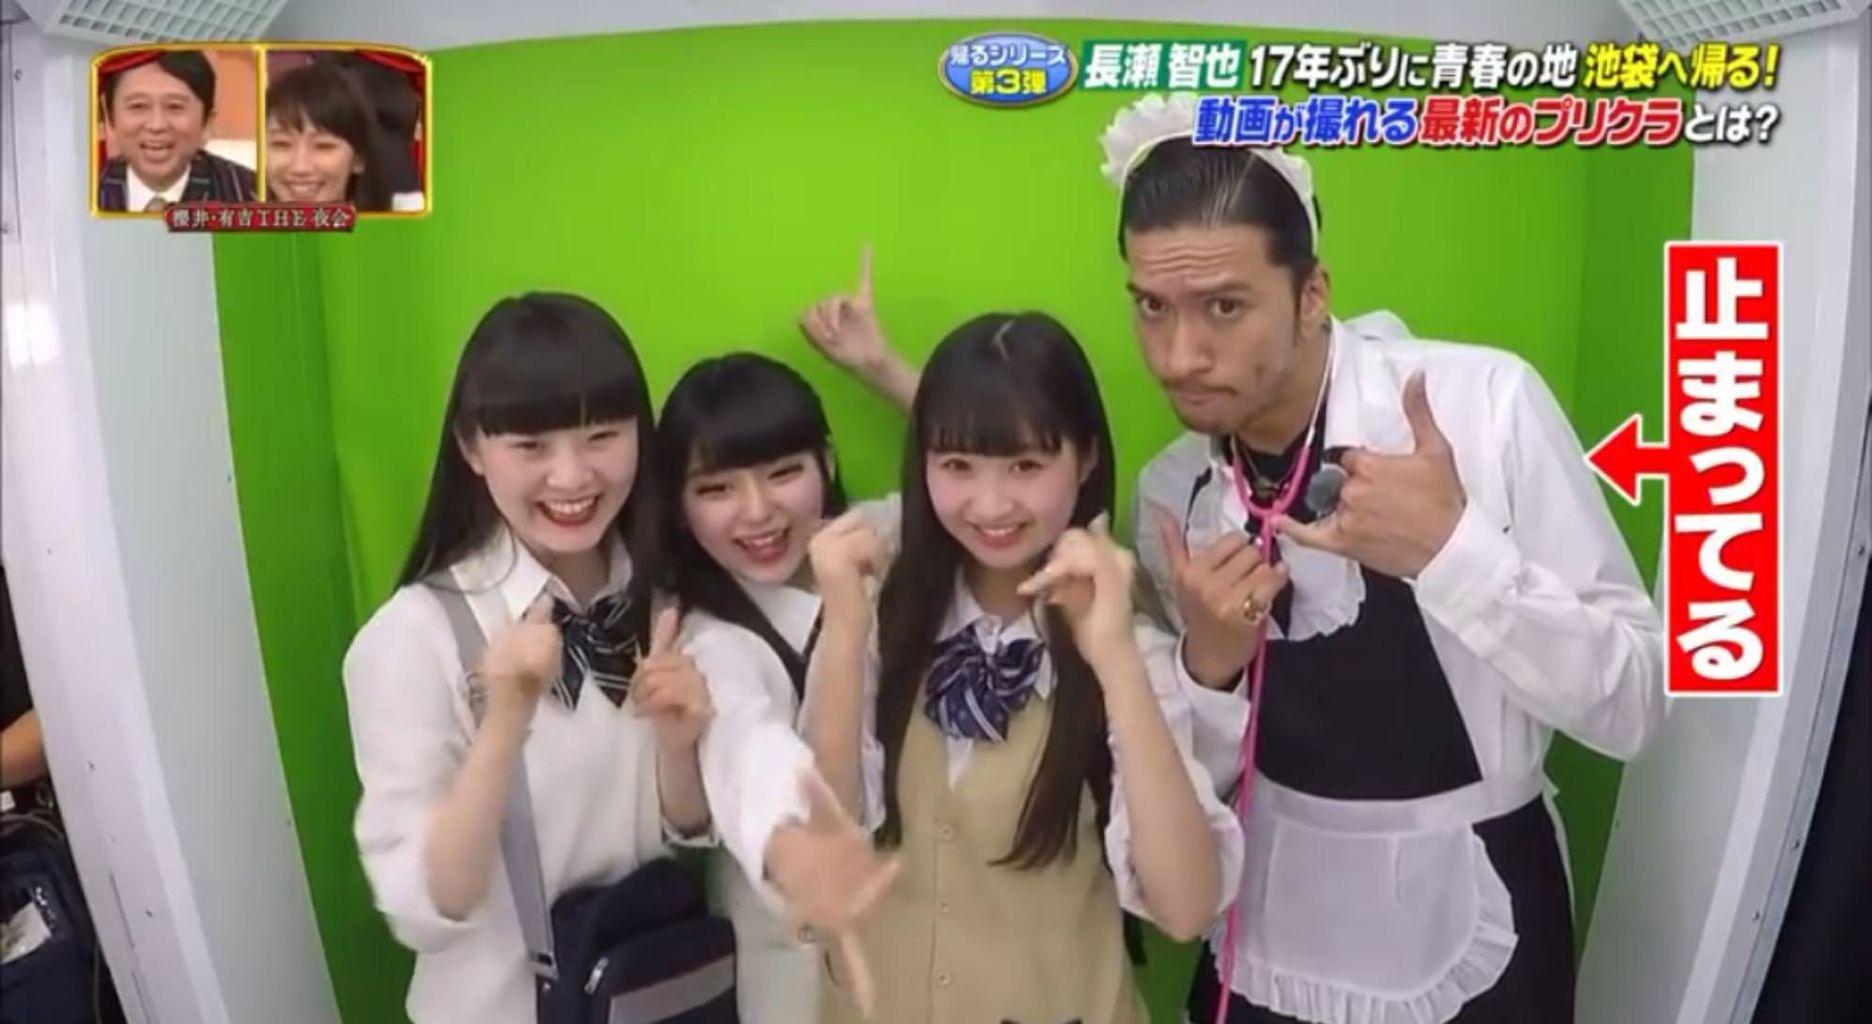 【朗報】TOKIO長瀬、JKとプリクラを撮る